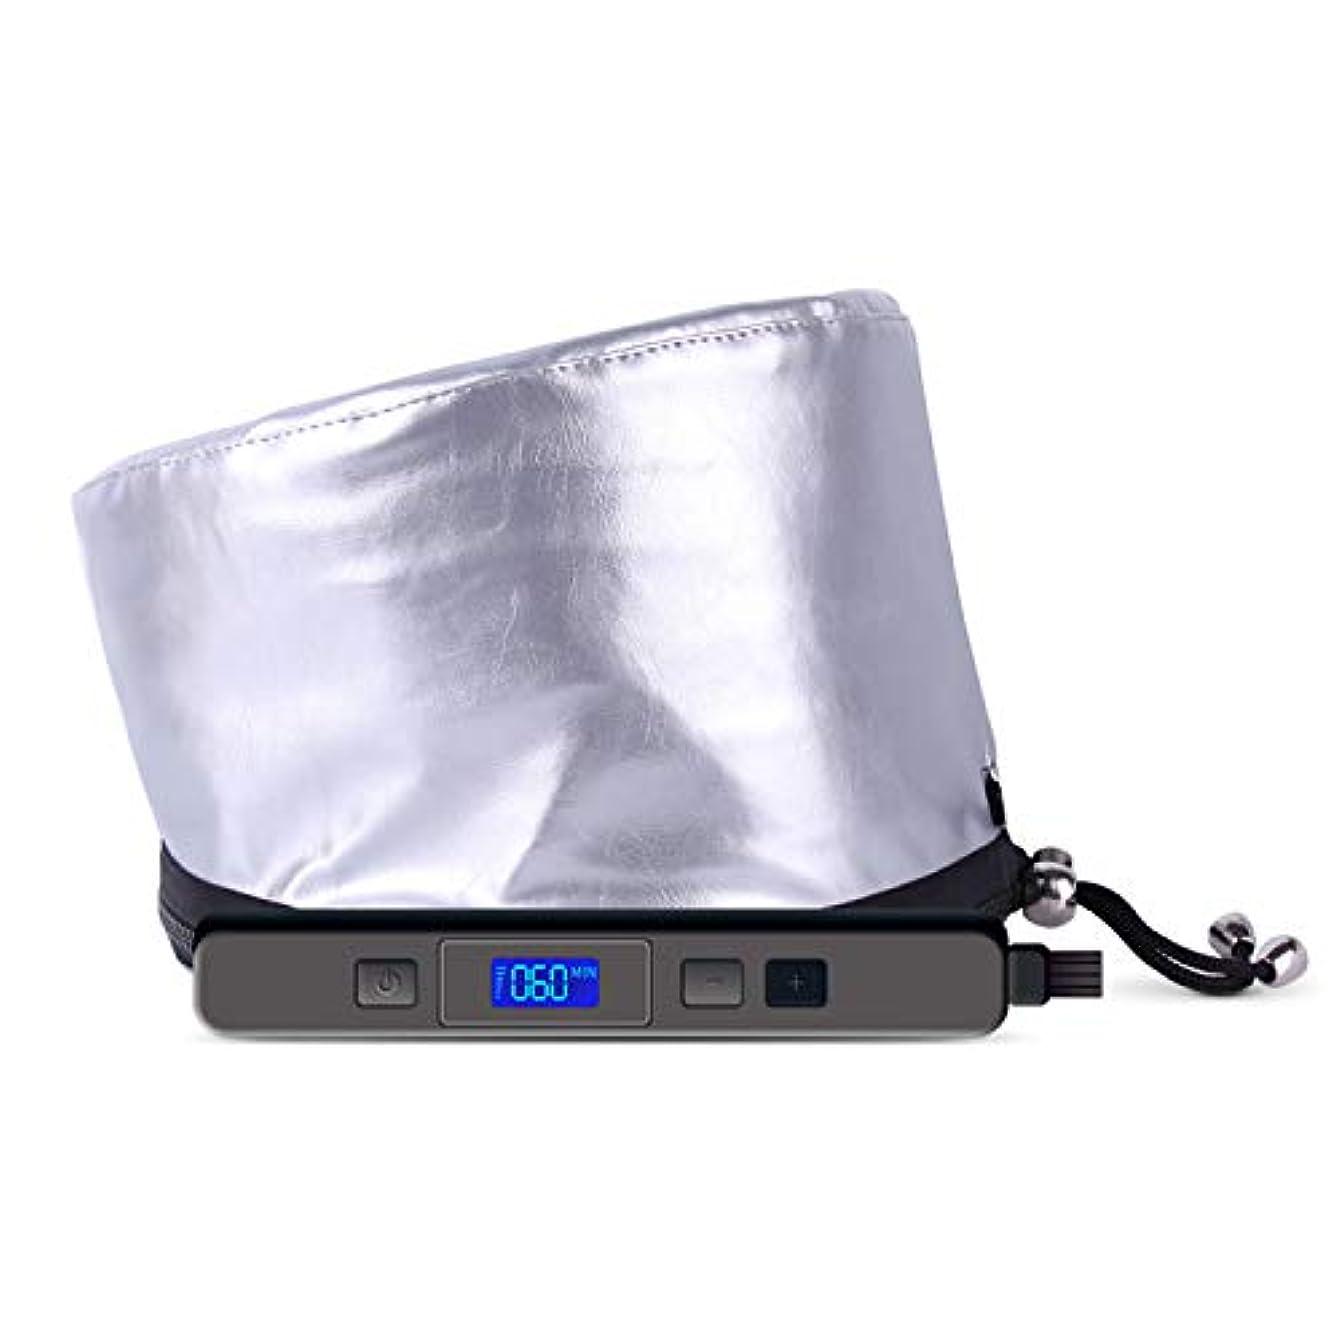 民兵ミケランジェロ寄付するヒートキャップ LED温度表示可調節深い浸透の毛および頭皮裏外防水髪染め トリートメント加温キャップ女性たち110V